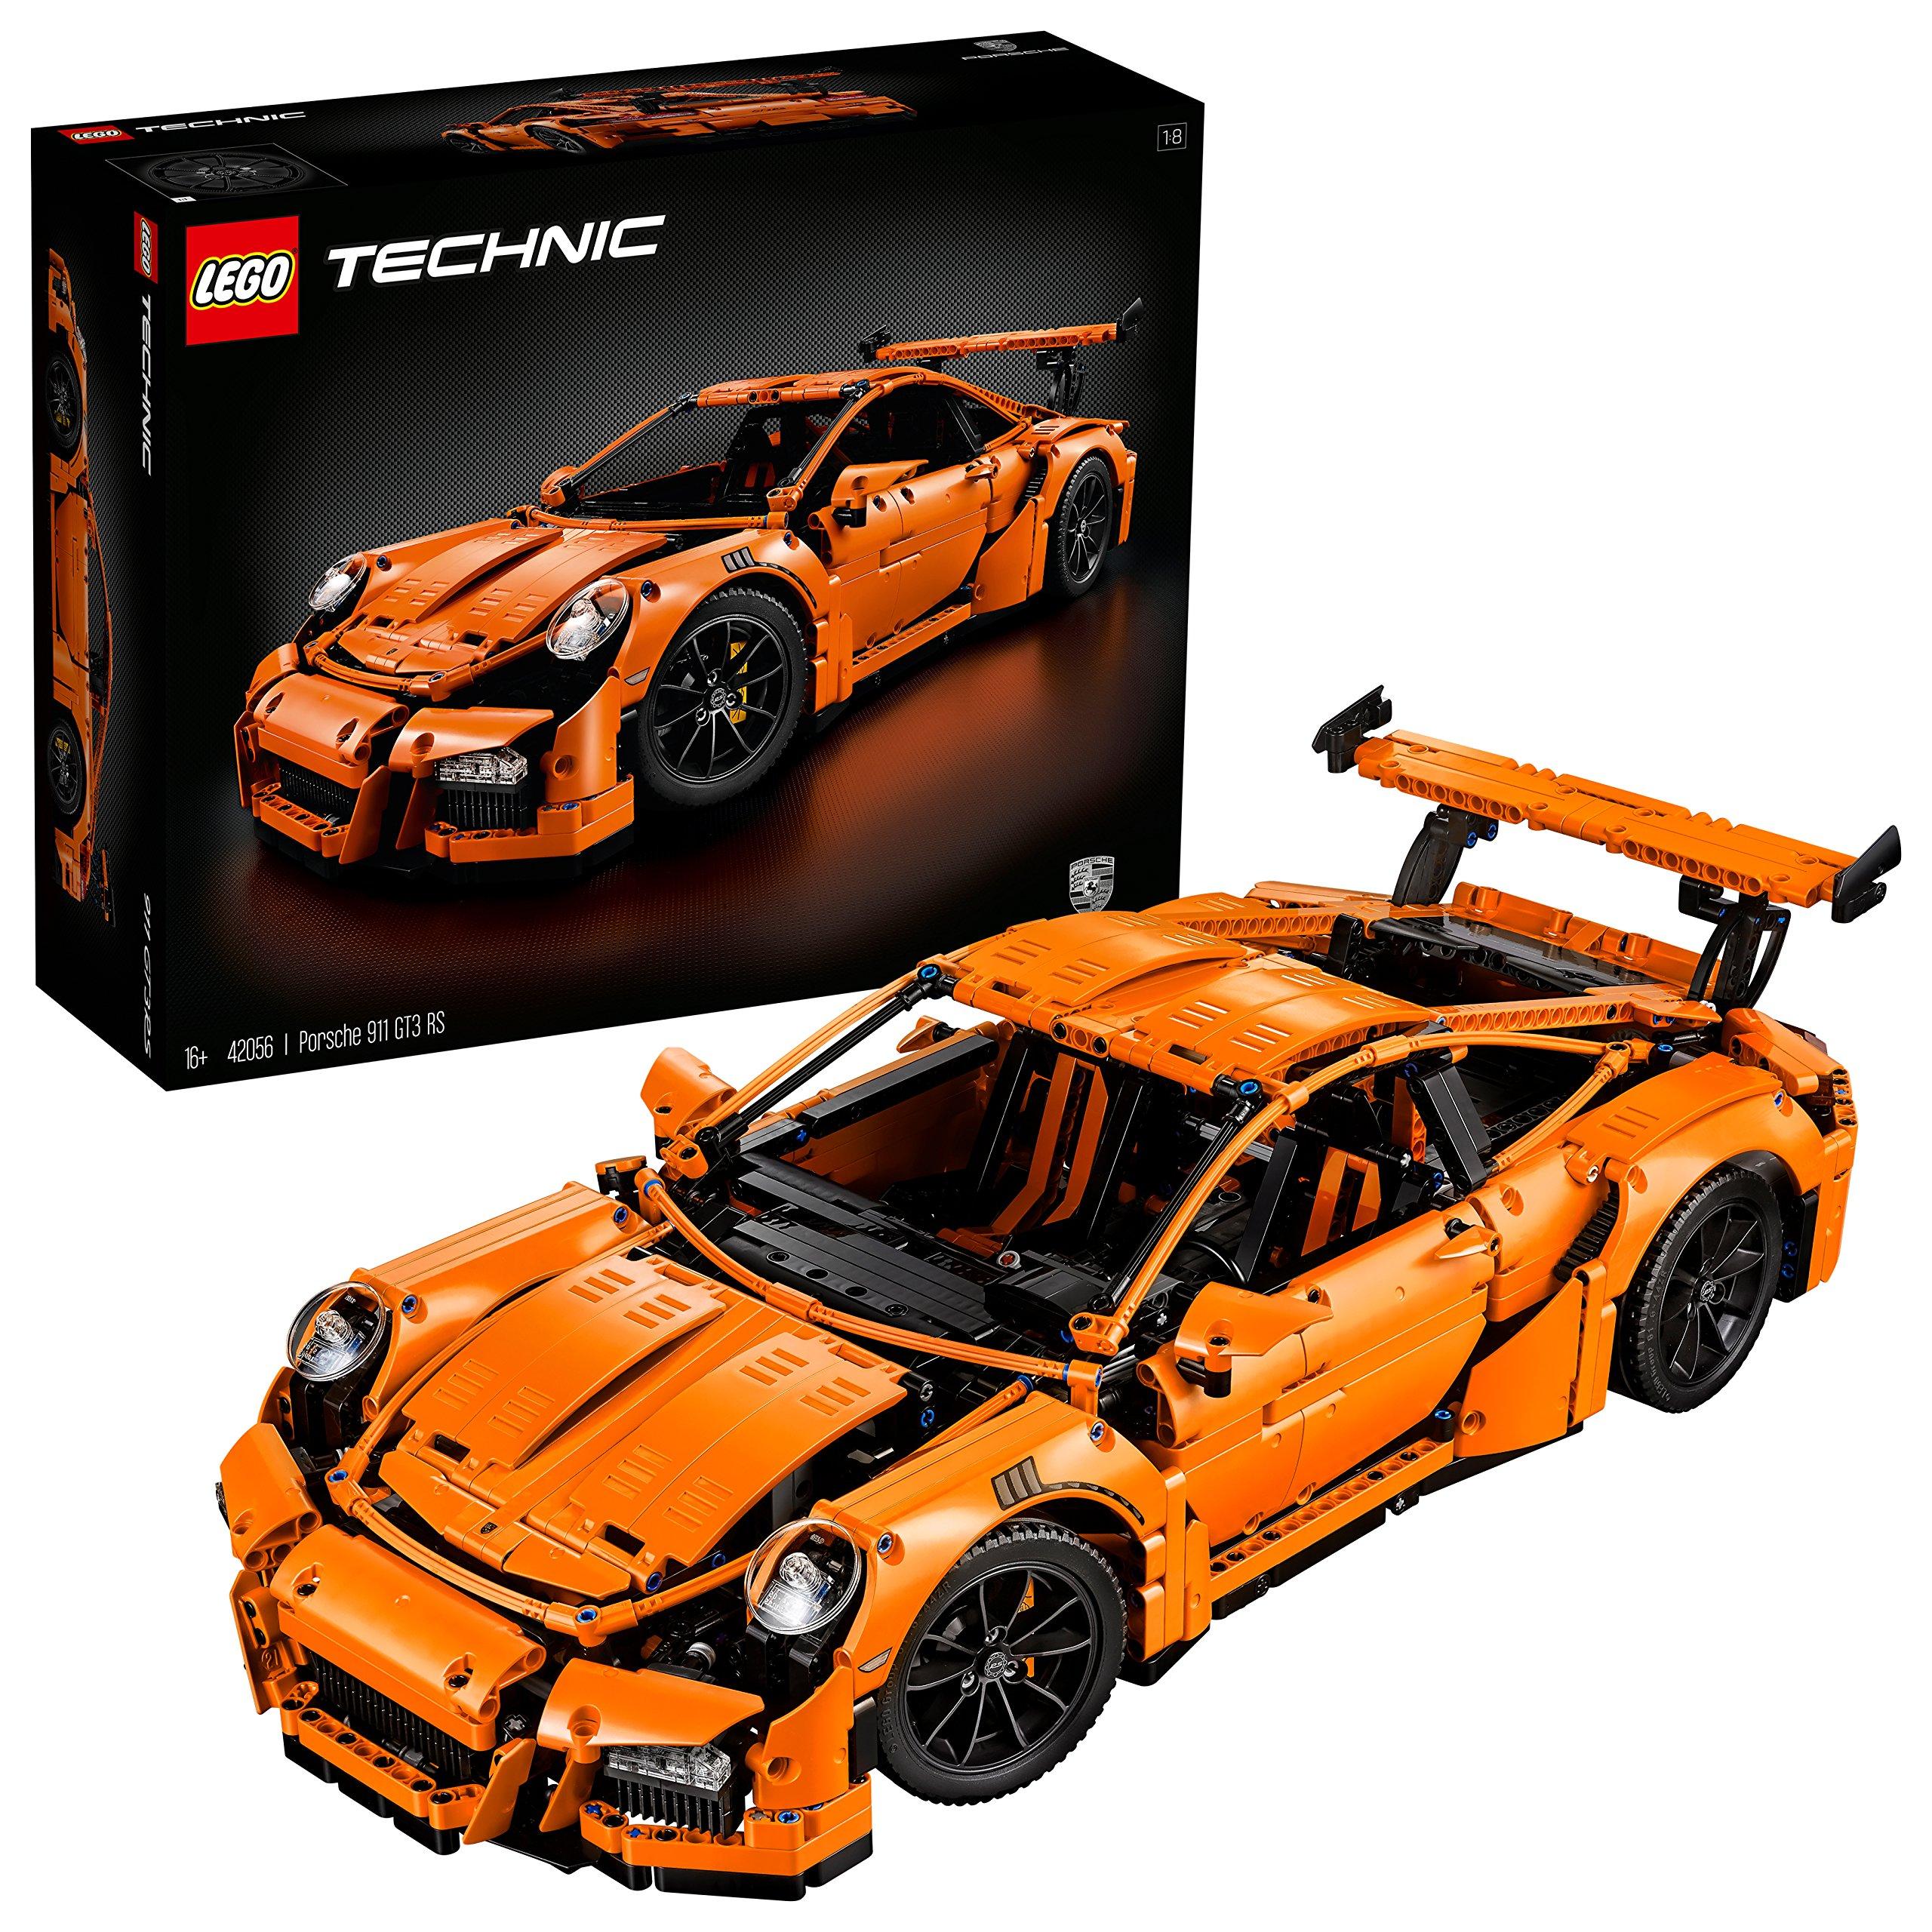 """2704 Pieces, Gearbox, Working Steering Wheel Porsche Building Toy, 6""""H x 22""""L x 9""""W"""